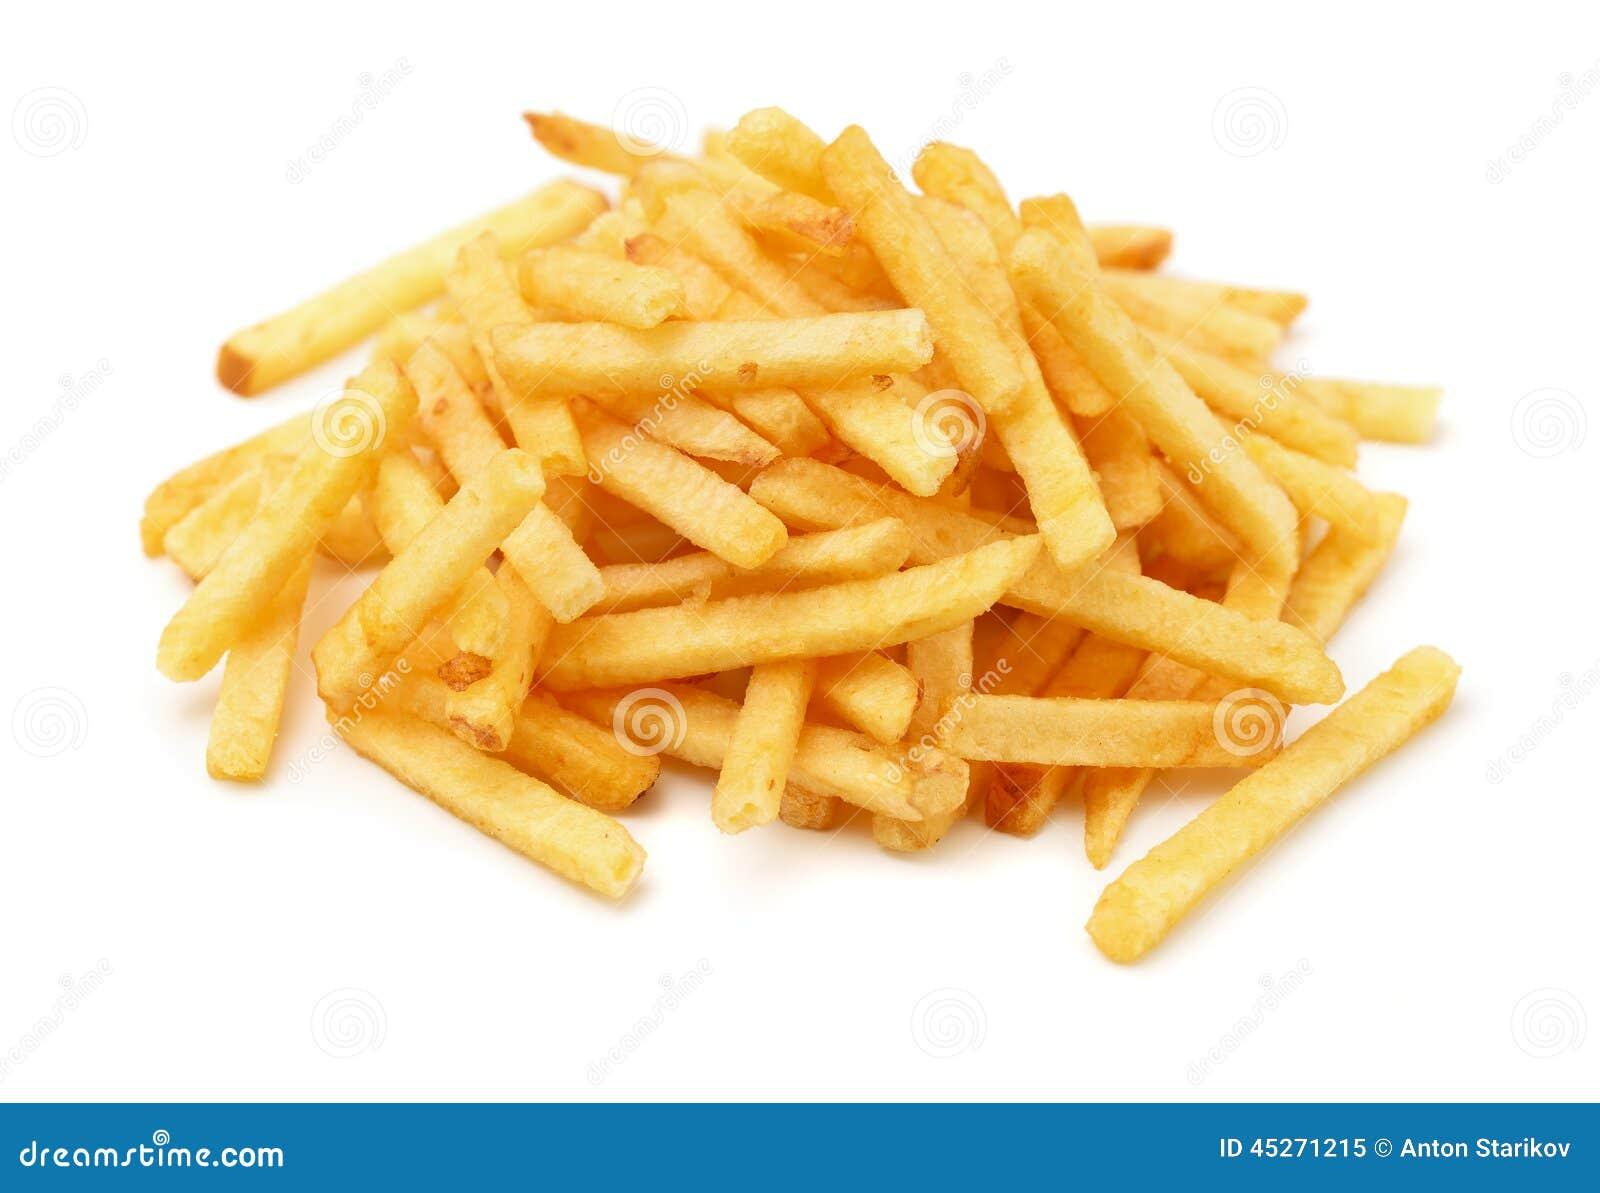 Как сделать картофель фри хрустящими